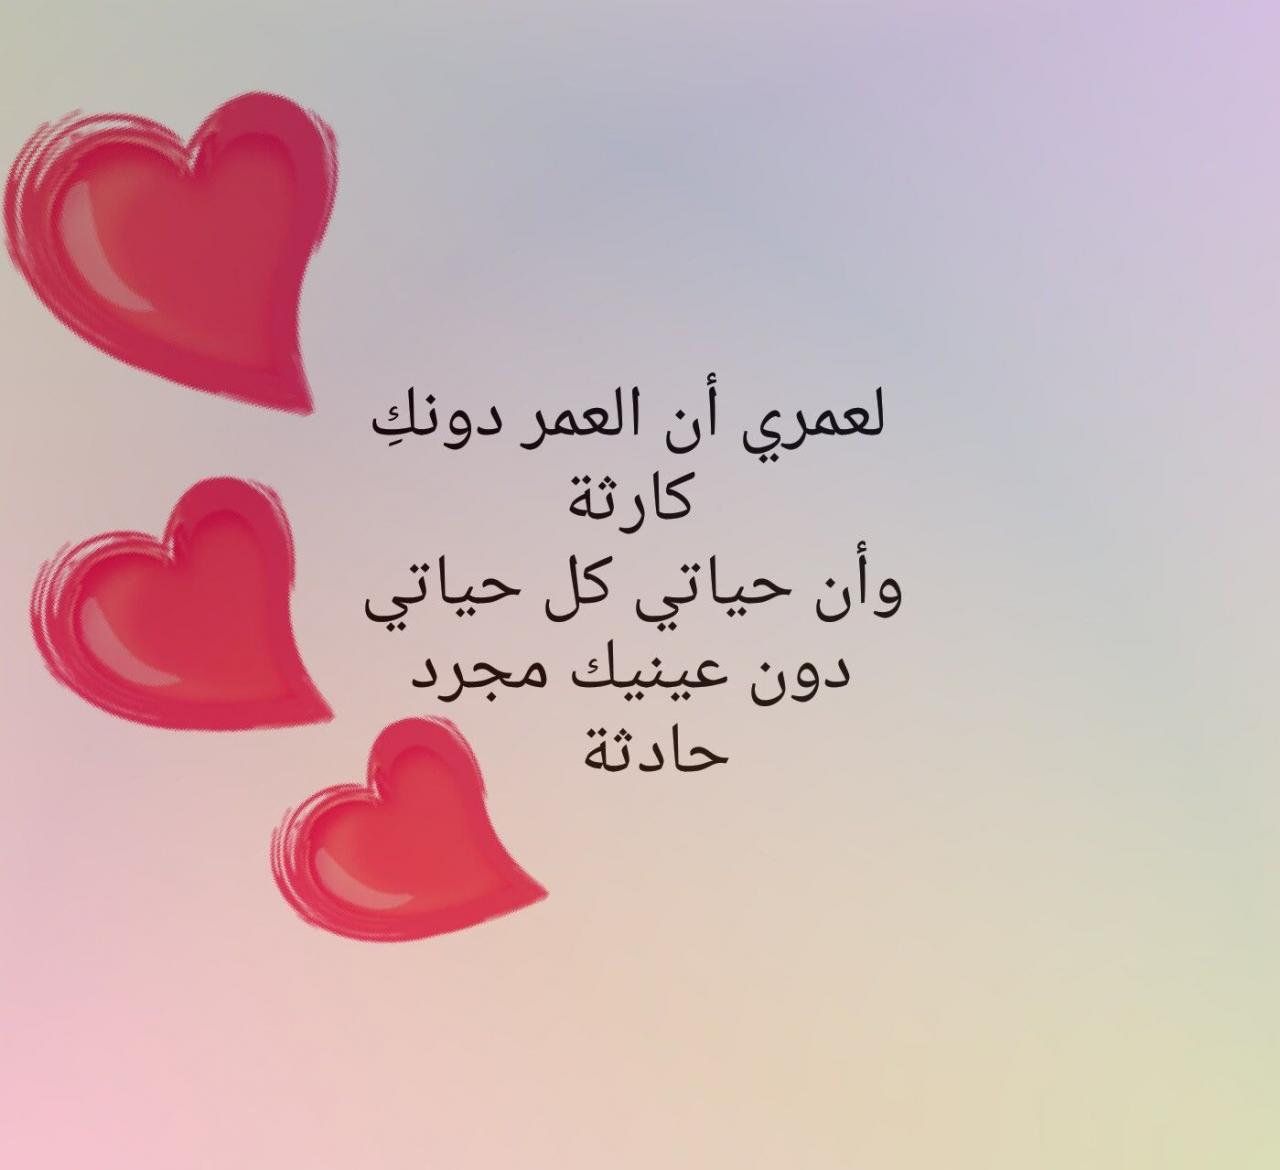 صورة شعر عن الحب للحبيب , الرومانسيه فى كلمات شعريه للاحبه